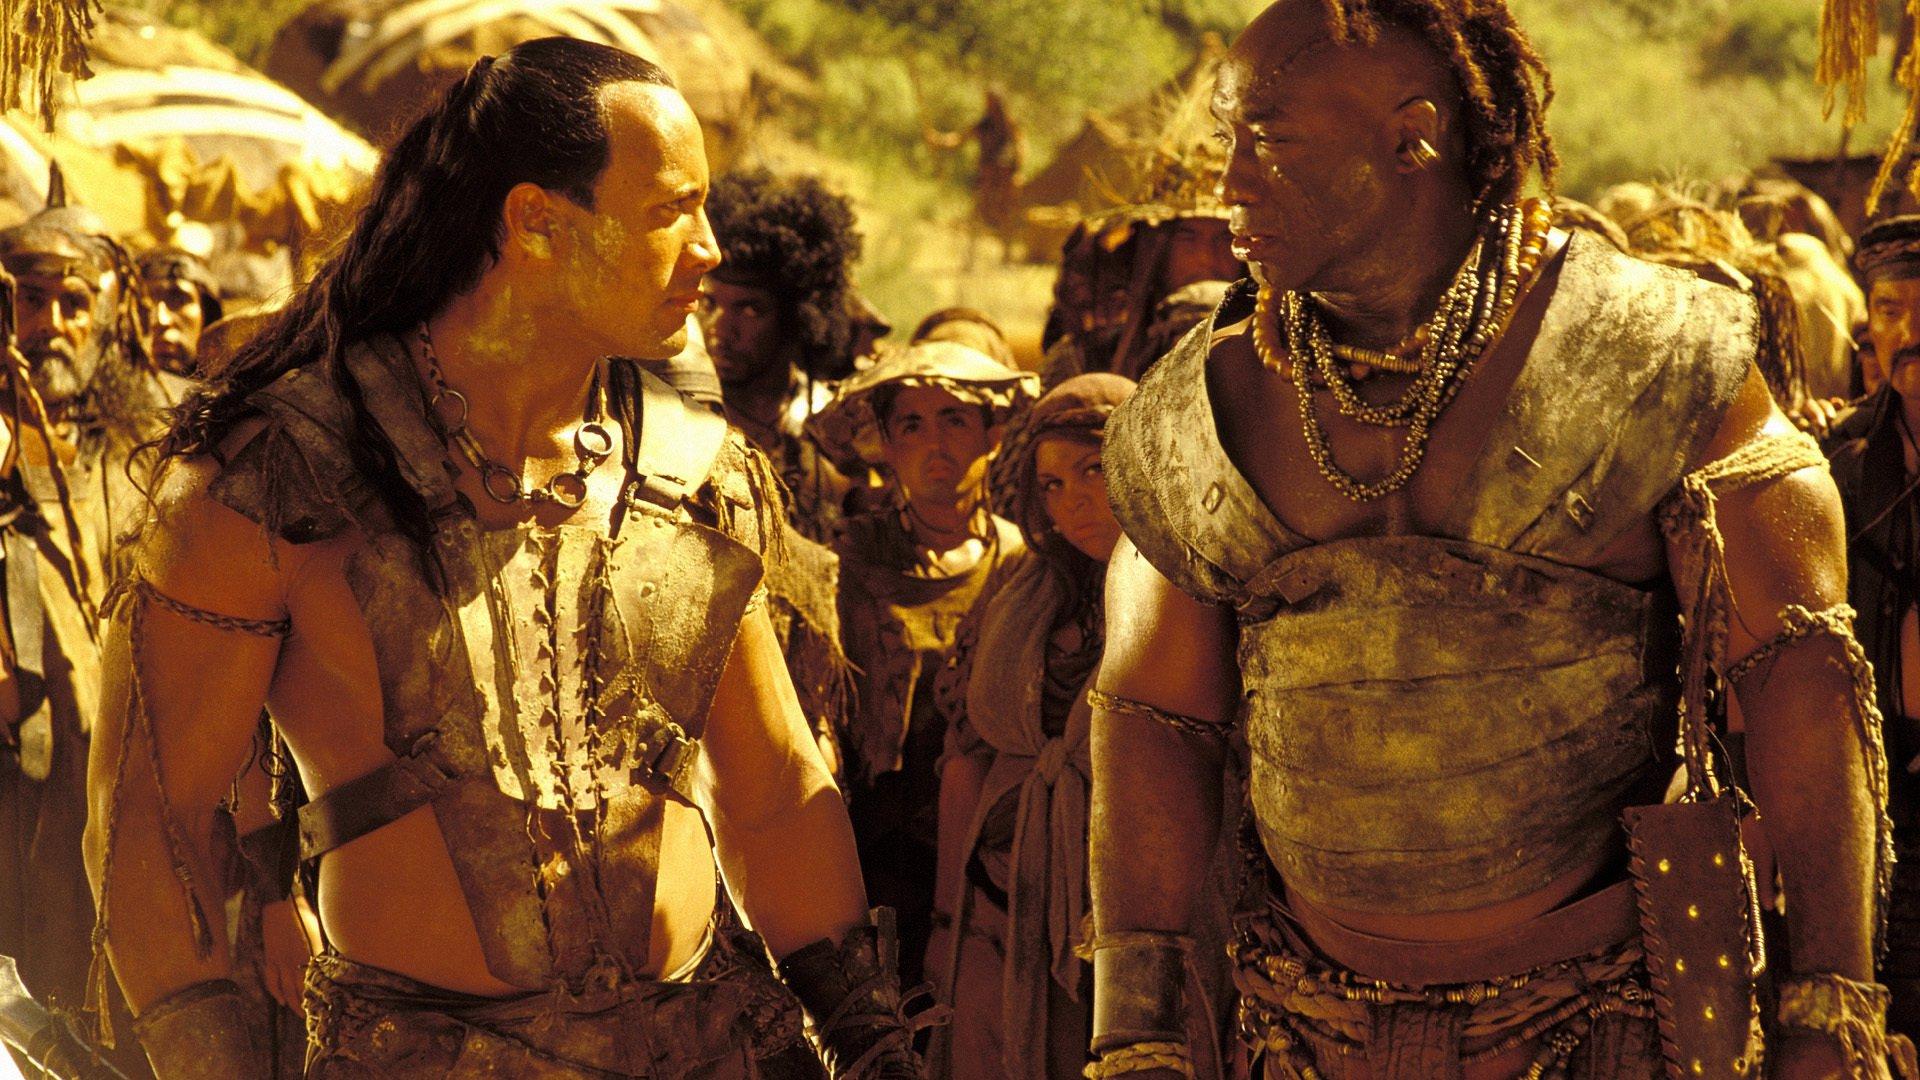 Le Roi Scorpion (2002, Film, 1h 30min) - CinéSéries